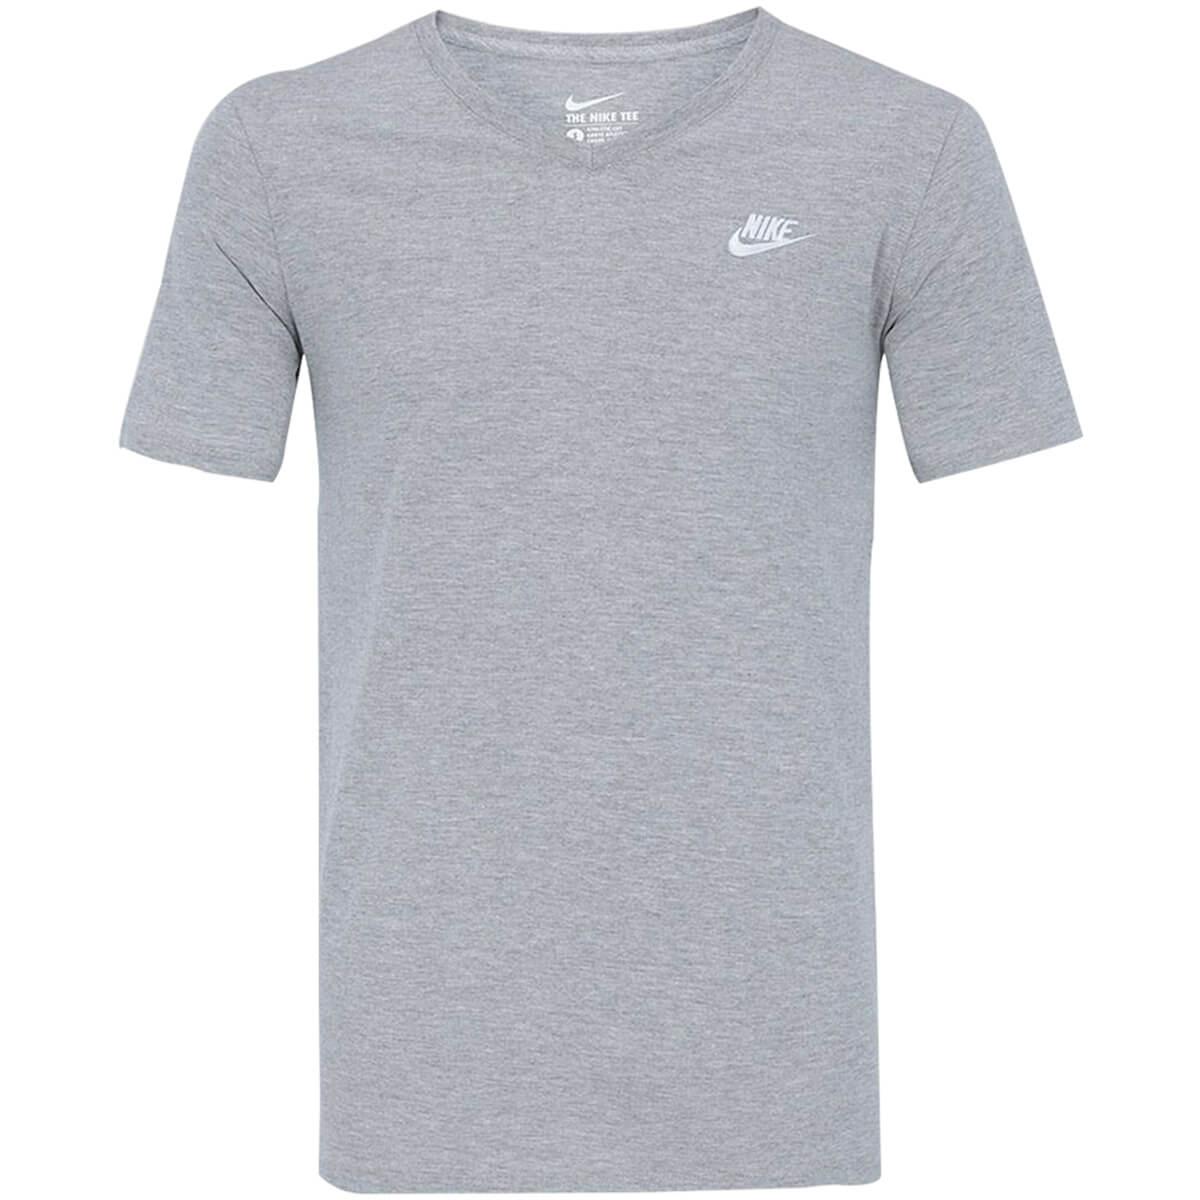 28ef8e523346f Camiseta Masculina Nike Tee-v Neck Emb - BRACIA SHOP  Loja de Roupas ...